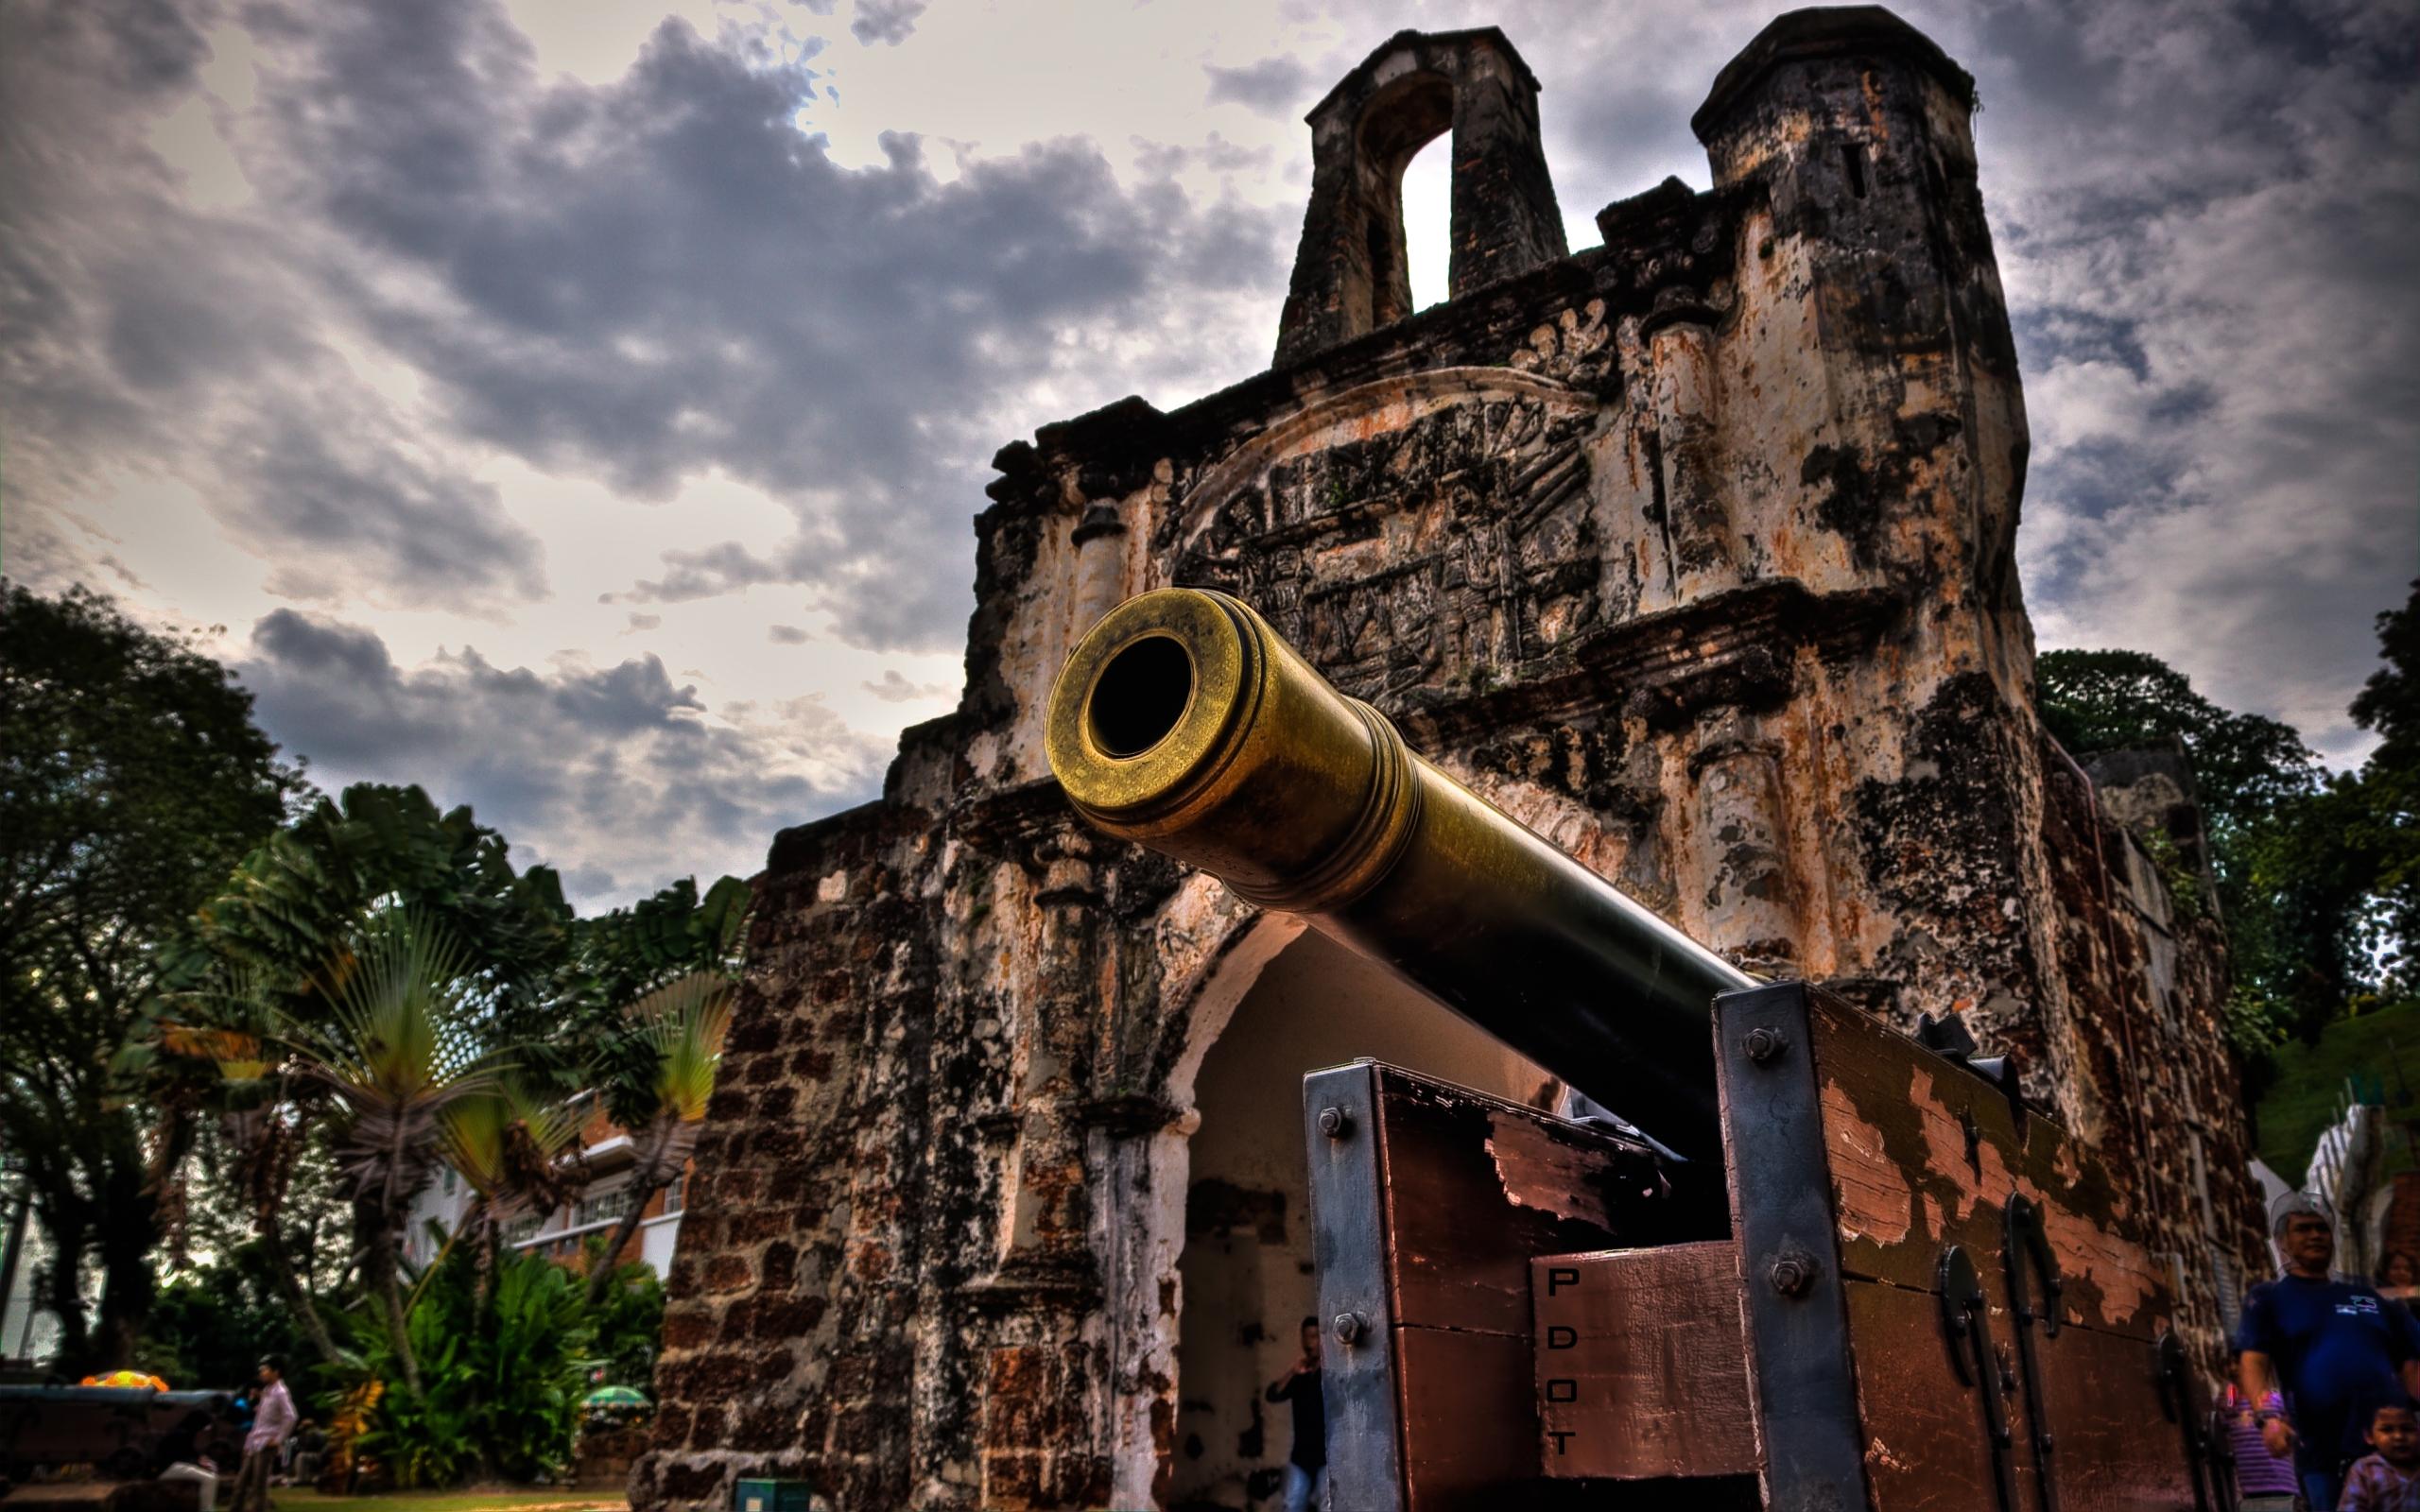 pháo đài Famosa, du lịch malaysia, du lịch singapore, du lịch singapore - malaysia, tour singapore - malaysia, tour singapore, tour malaysia, tour sing giá rẻ, tour sing mã, du lịch nước ngoài, du lịch hè, du lịch châu á, du lịch đông nam á,